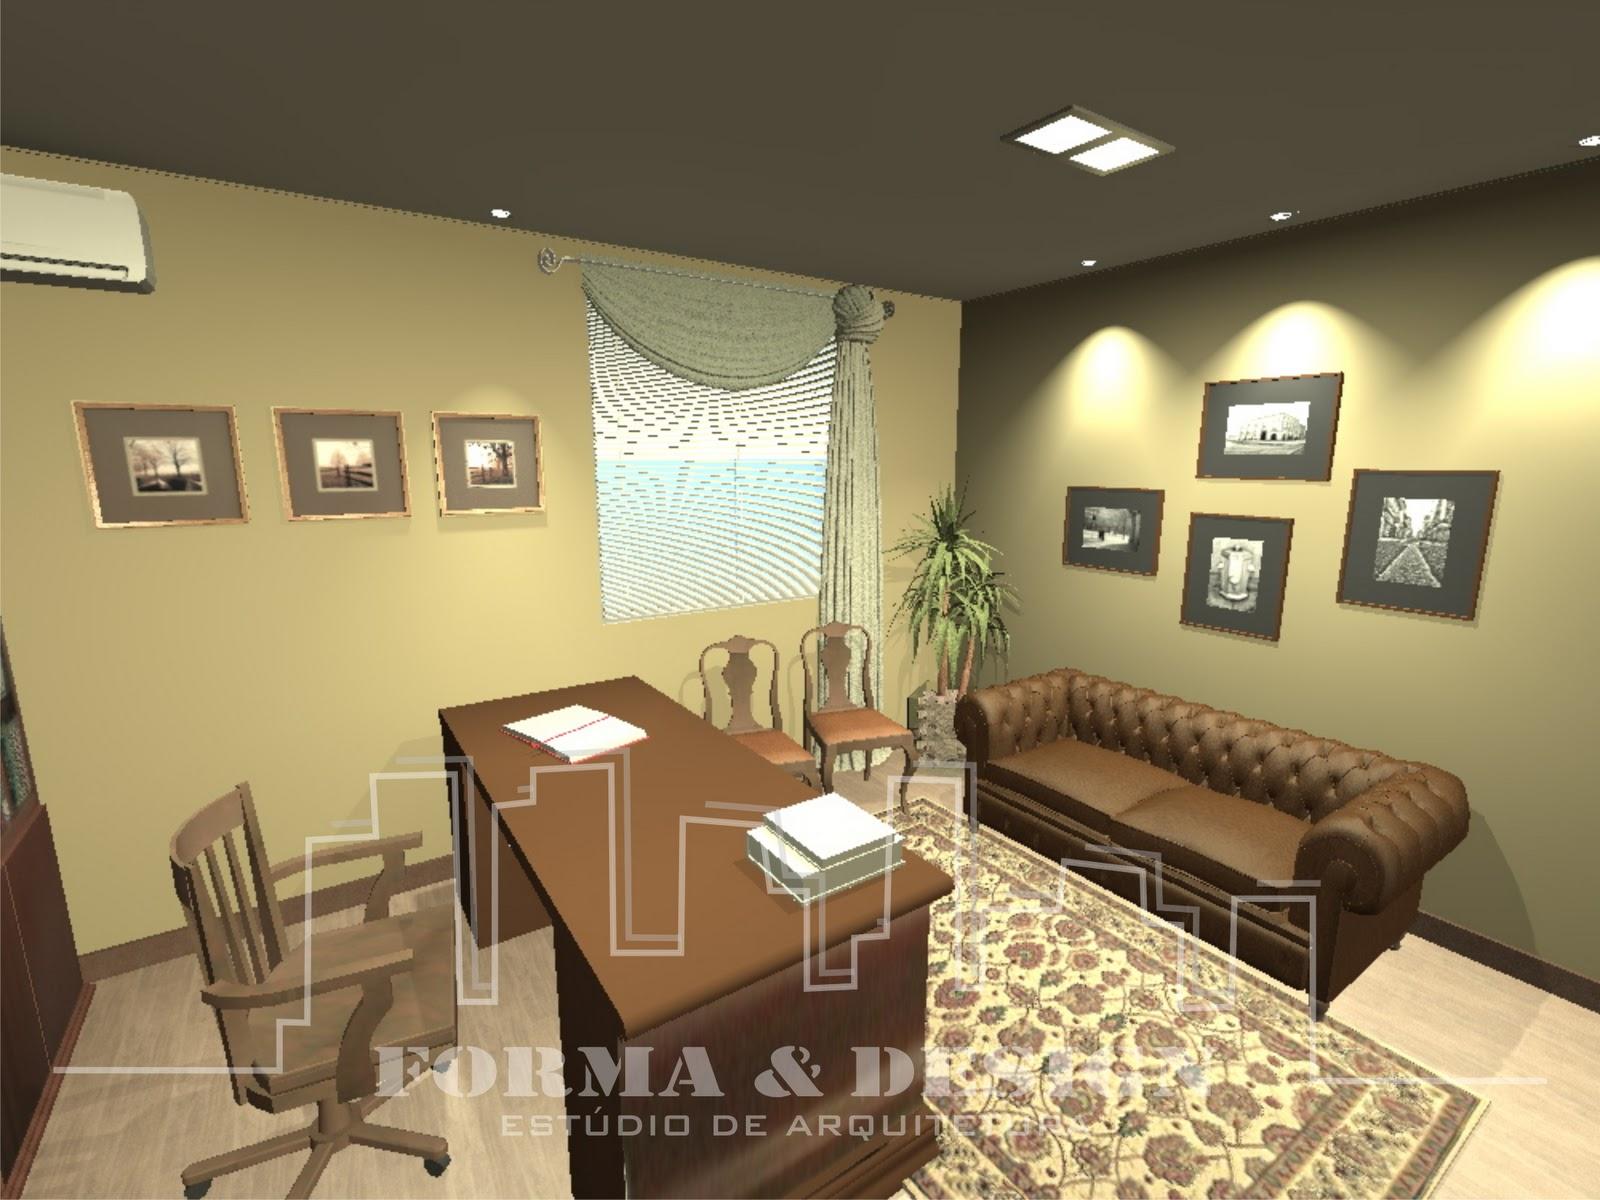 Forma e Design Estúdio de Arquitetura: Escritório de Advocacia #959236 1600x1200